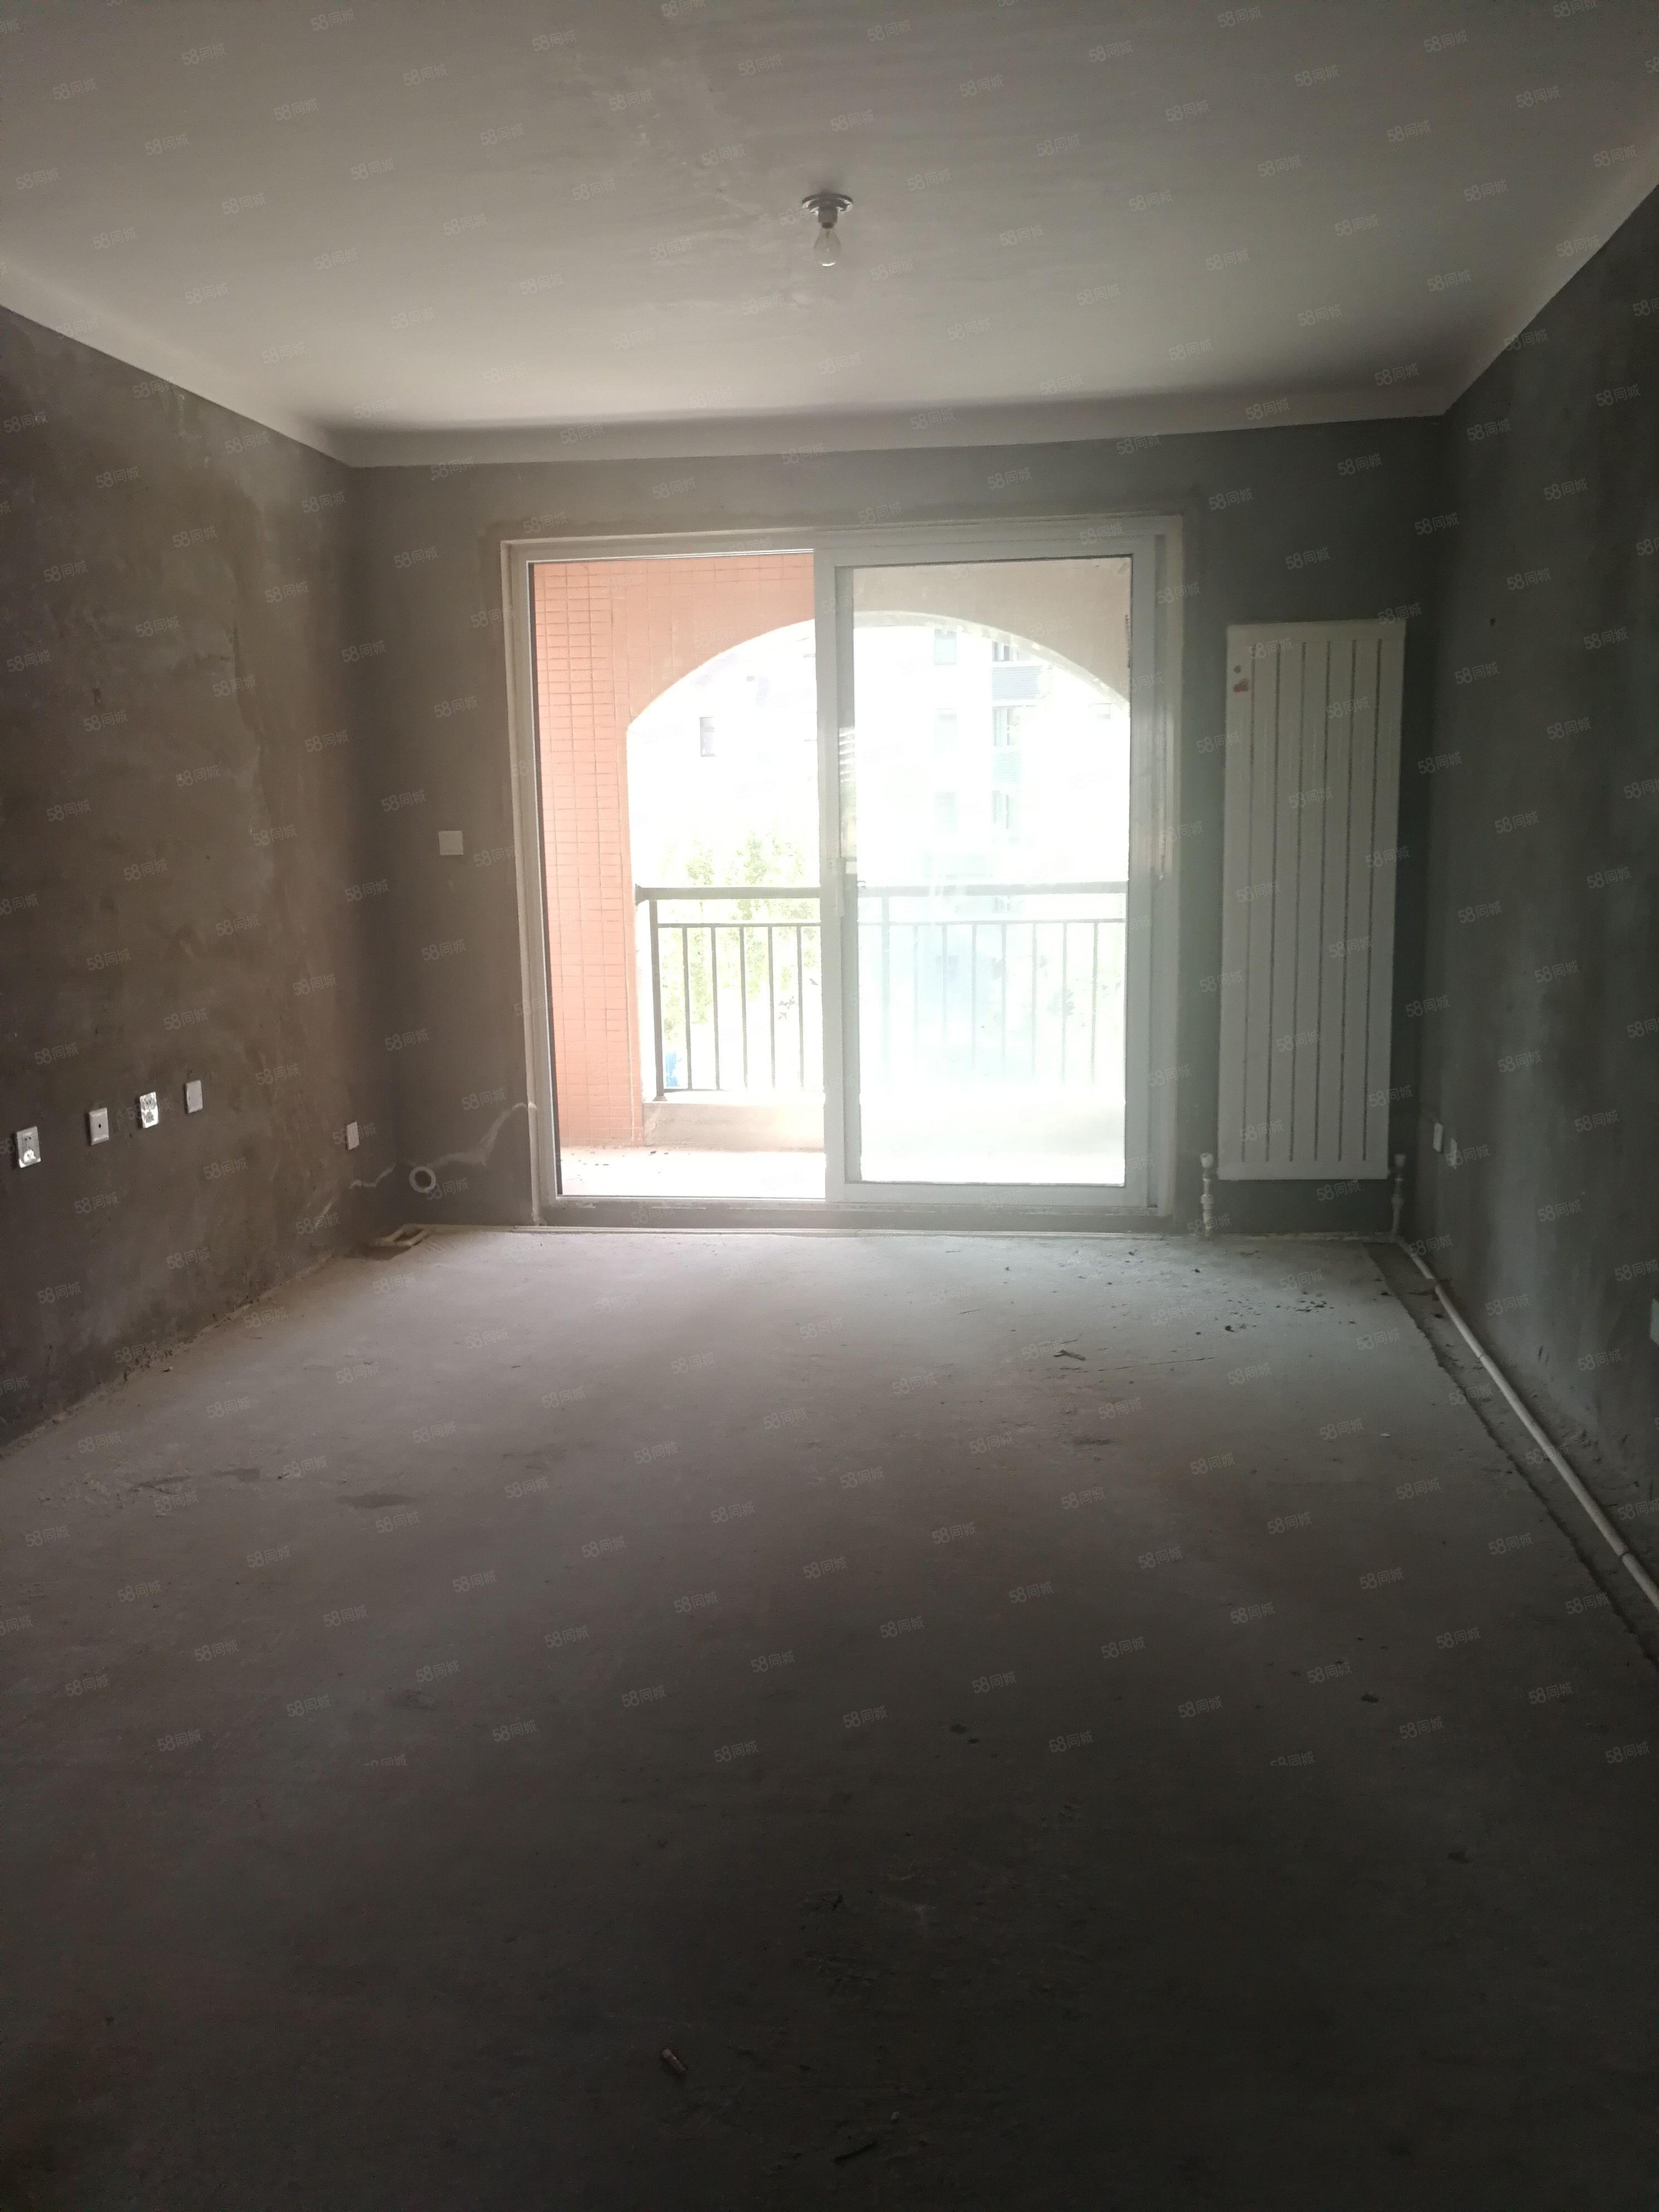 郑报润园1期,南北通透三室,可网签,好楼层,随时看房